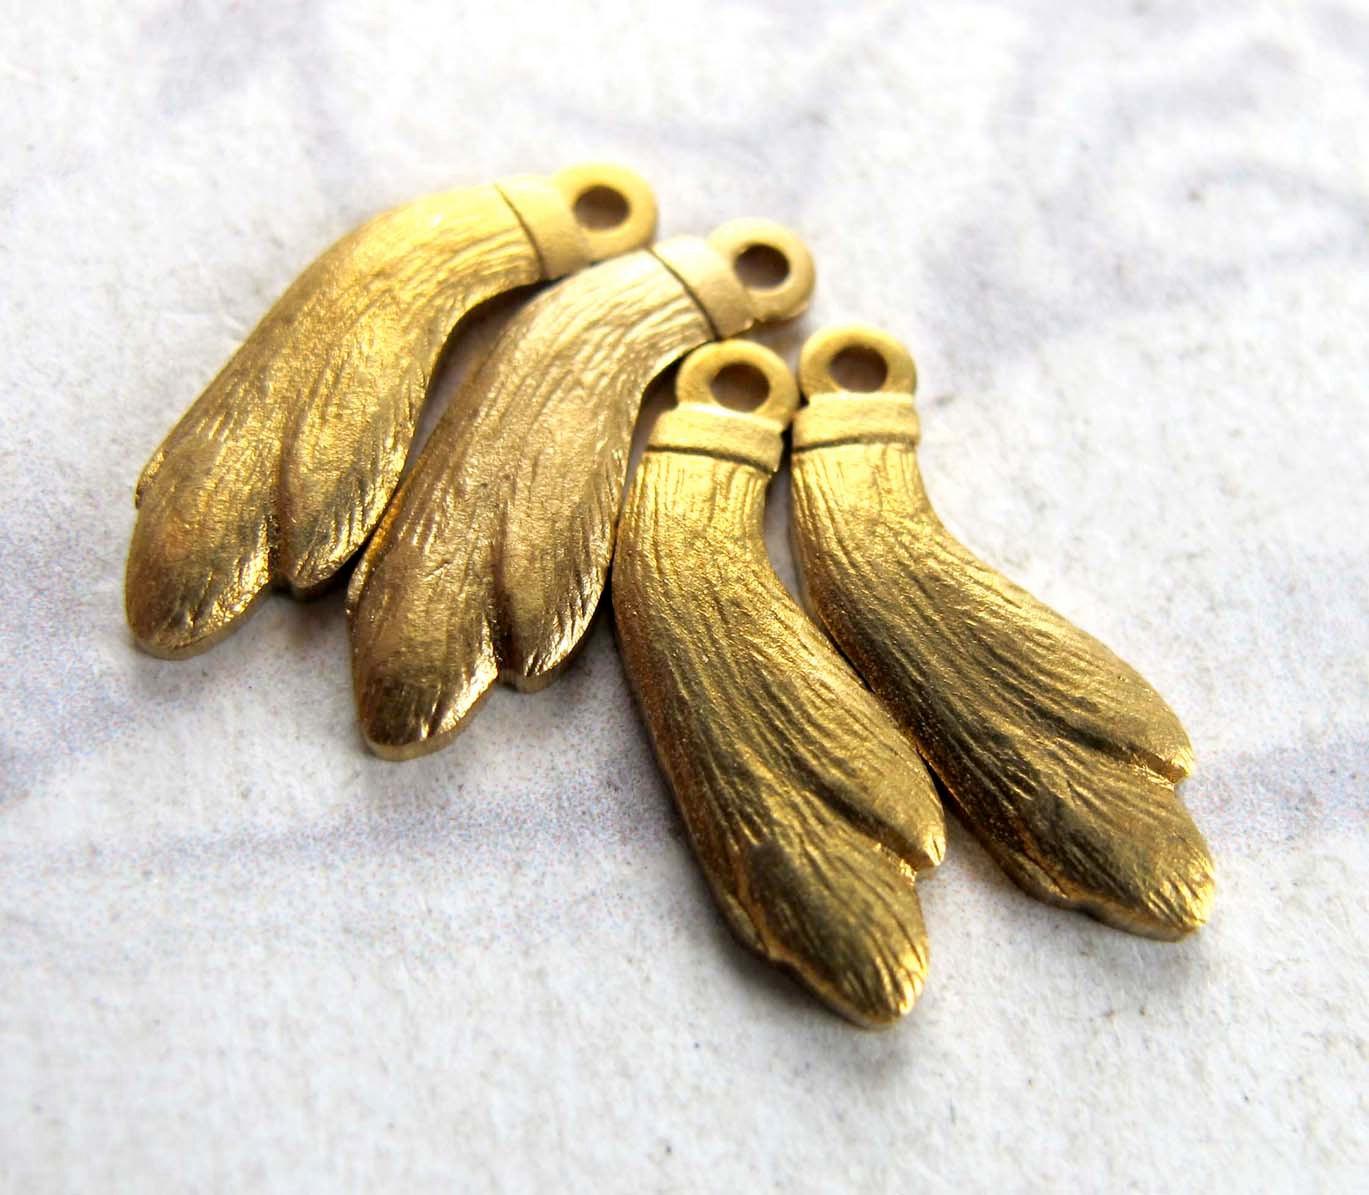 biểu tượng chân thỏ cho cung hoàng đạo